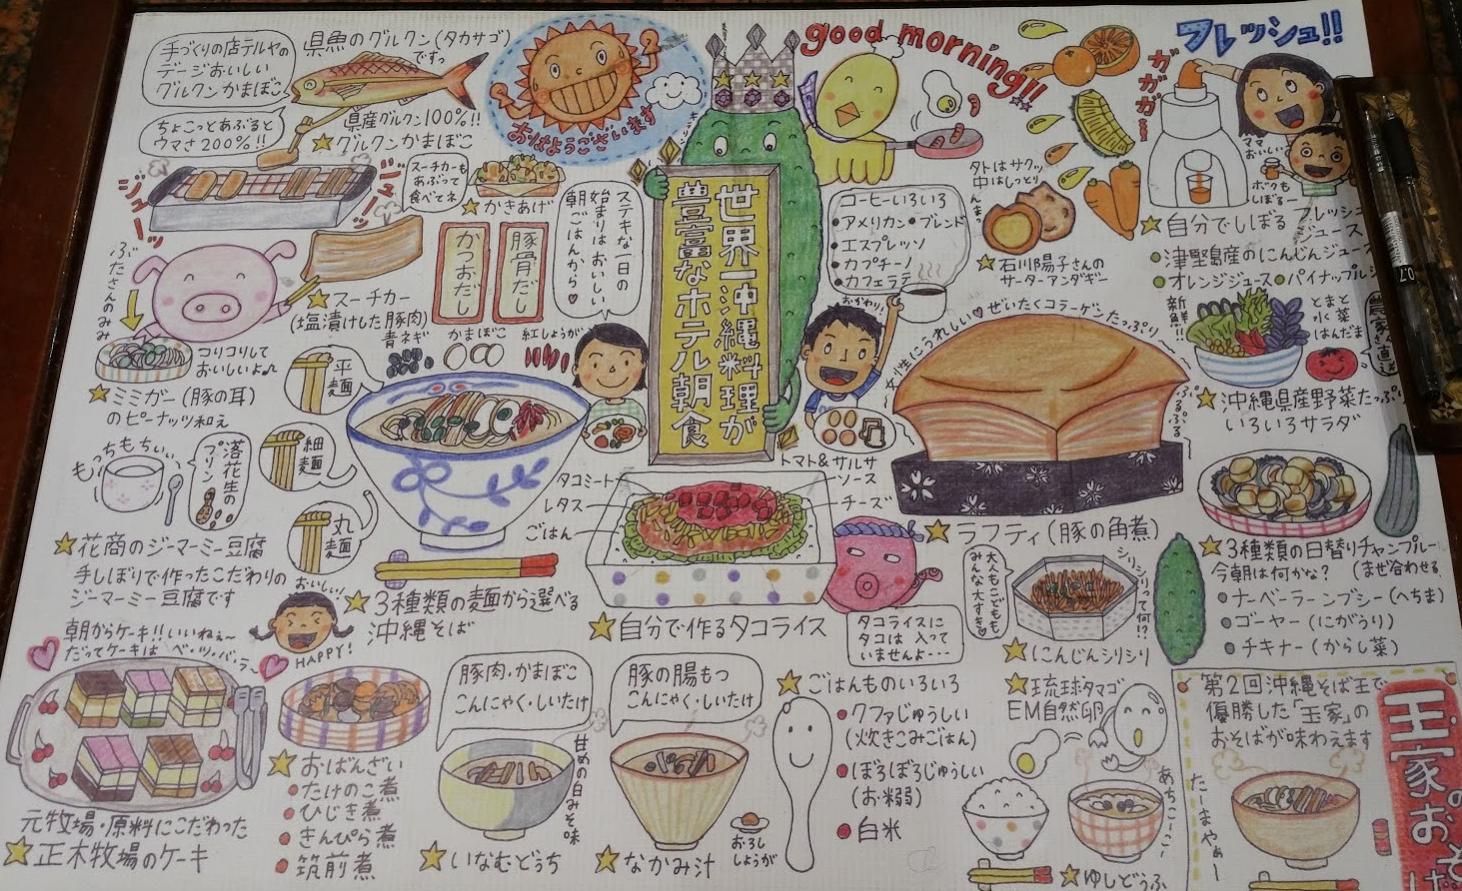 【沖縄】沖縄料理をコスパで食べ尽くすならホテルオーシャンの朝食バイキング 17